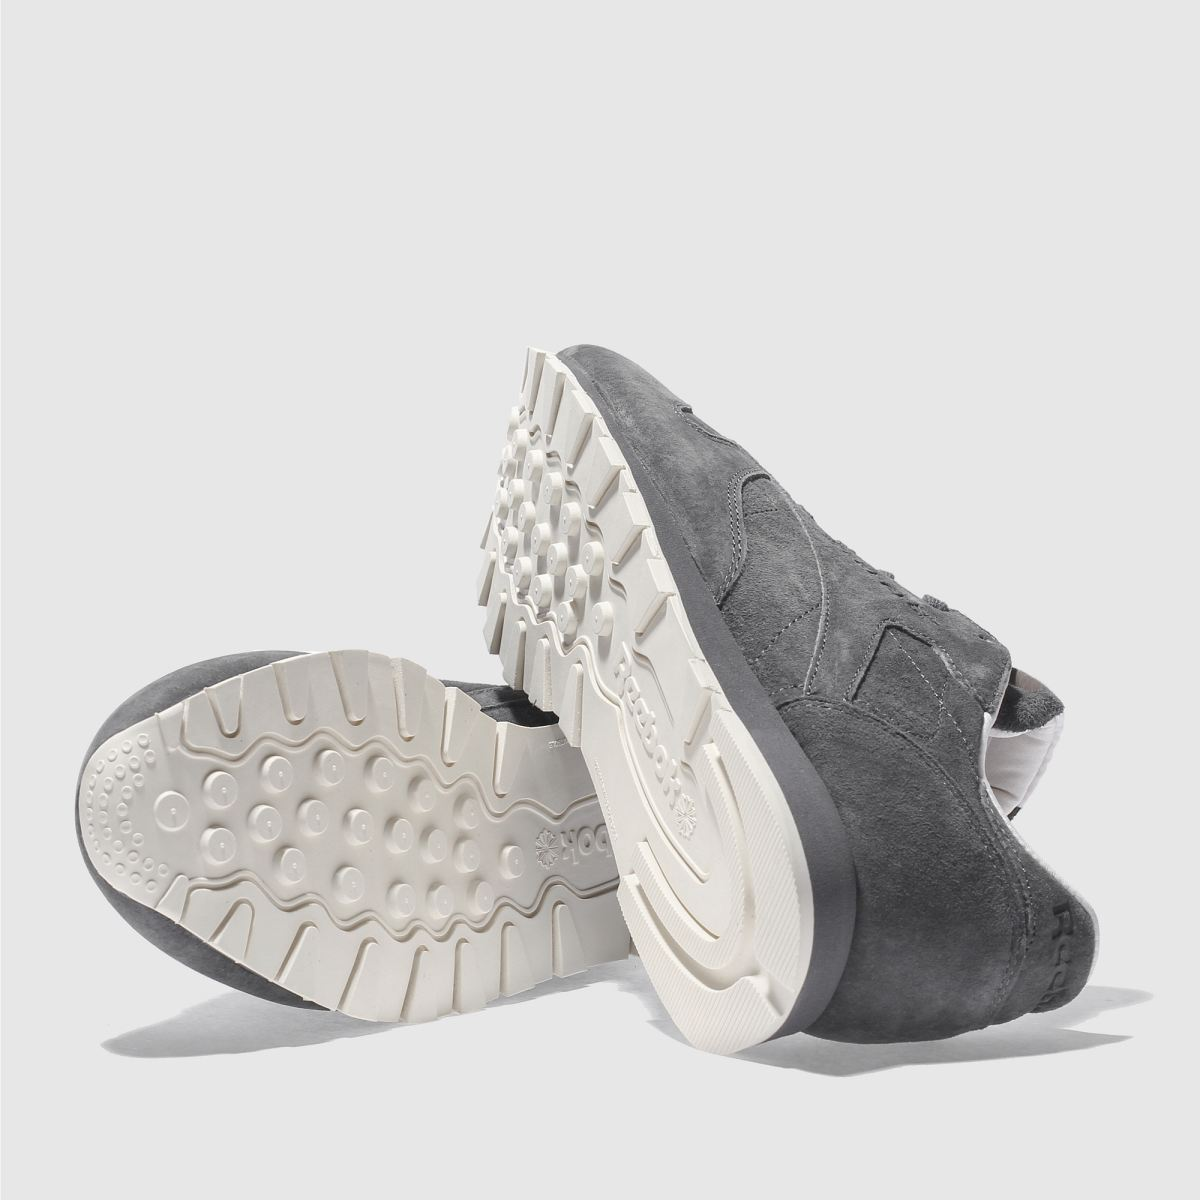 Damen Dunkelgrau reebok Classic Leather Tonal Nbk Sneaker beliebte | schuh Gute Qualität beliebte Sneaker Schuhe bd23ce